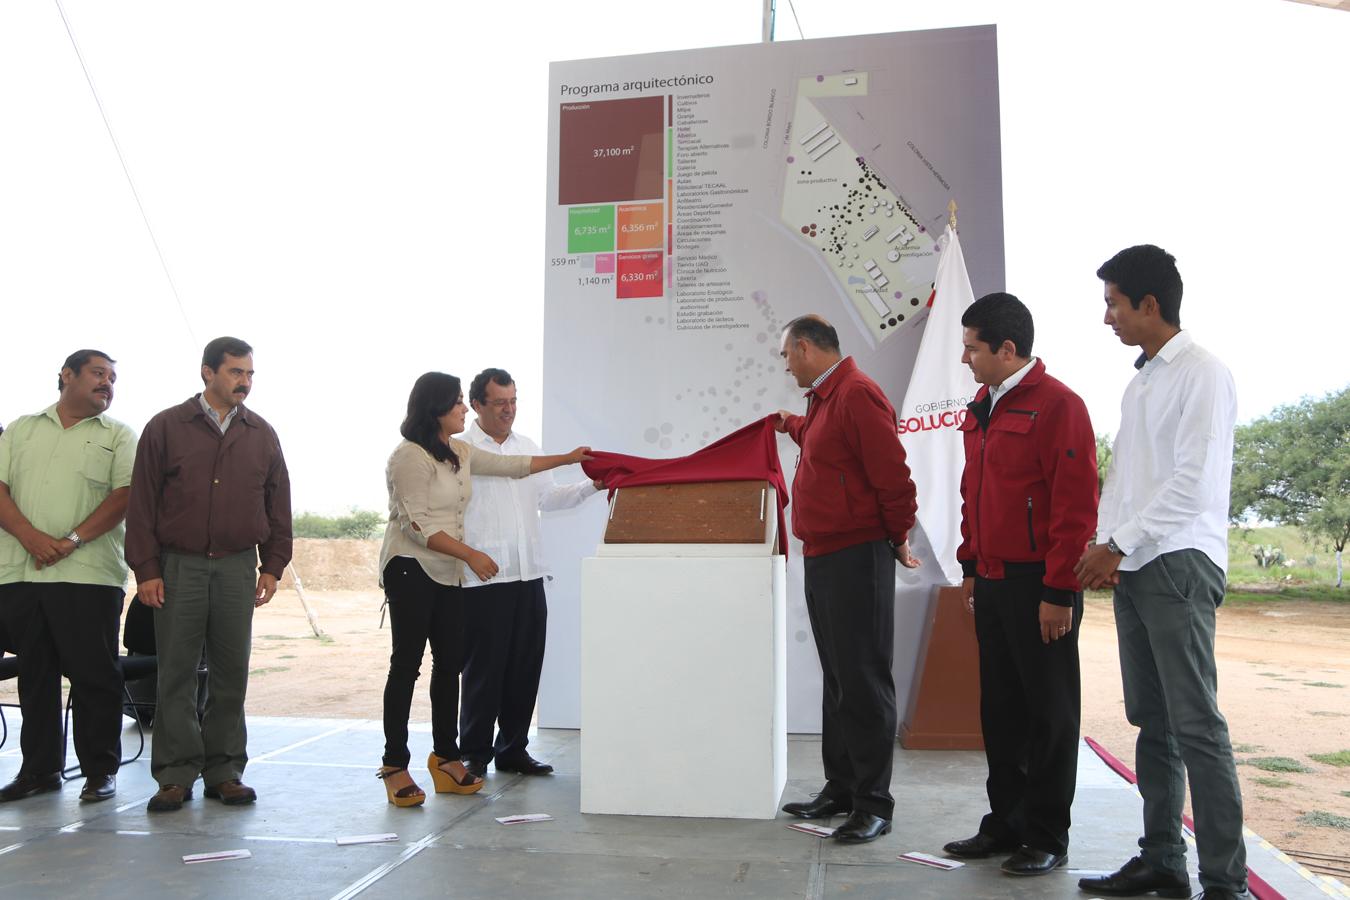 Encabeza el Gobernador del Estado la Colocación de la Primera Piedra del Complejo Turístico Universitario Nt'oti